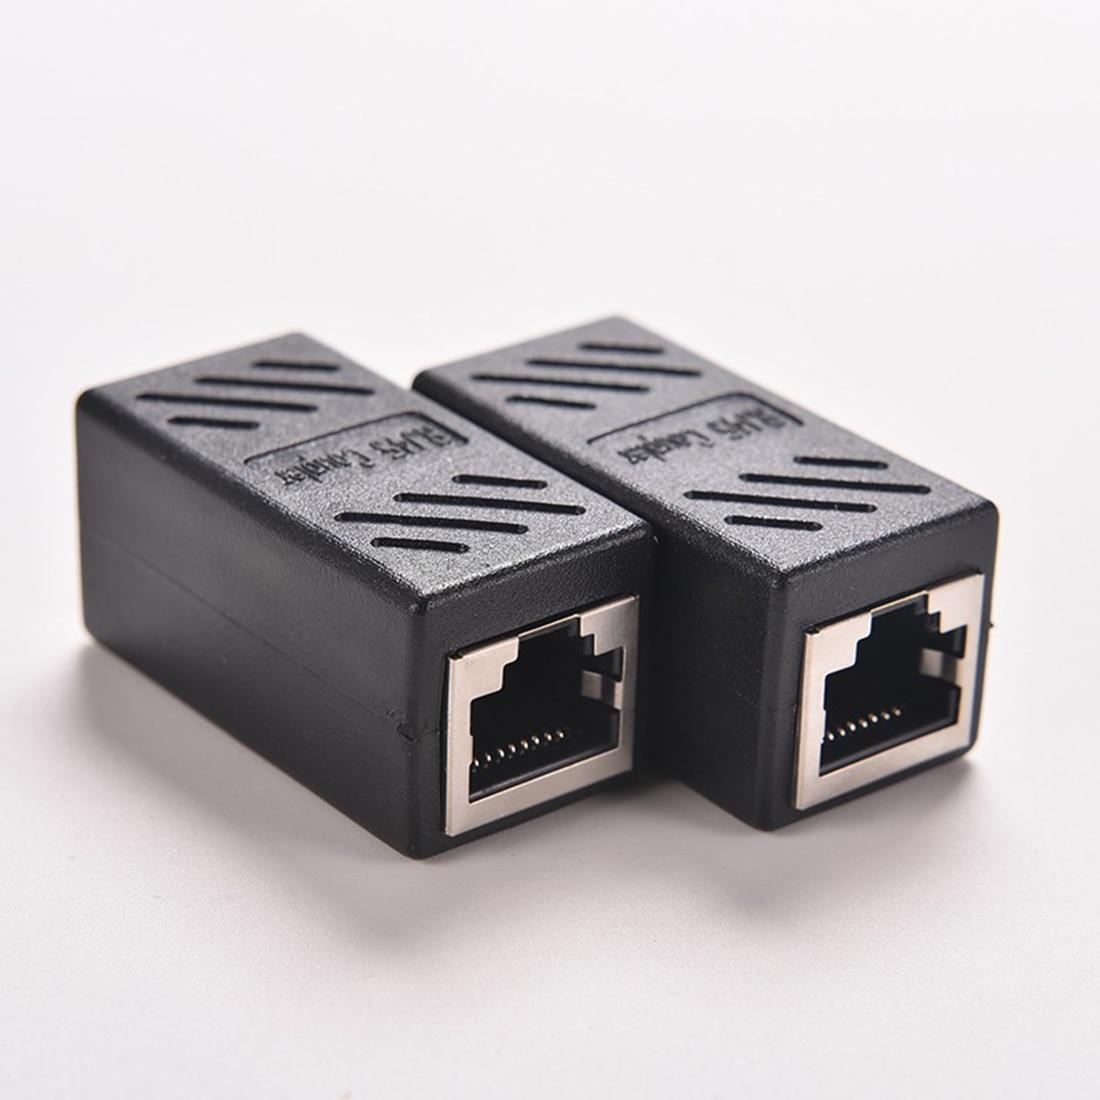 Good 1PC Black Female to Female Network LAN Connector Adapter Coupler Extender RJ45 Good Quality rj45 coupler